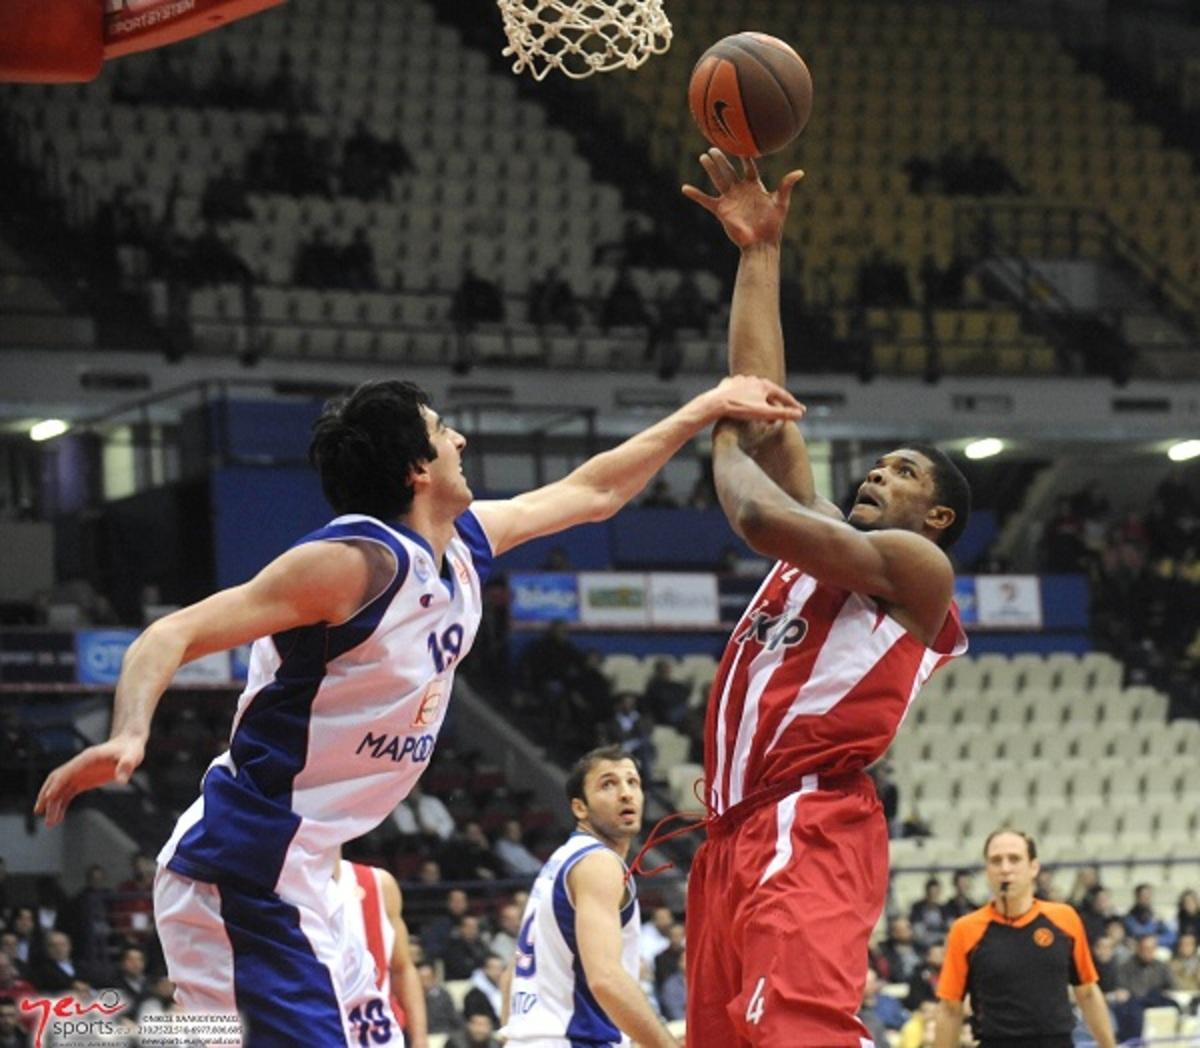 Συμφώνησε με Ολυμπιακό ο Σερμαντίνι! | Newsit.gr